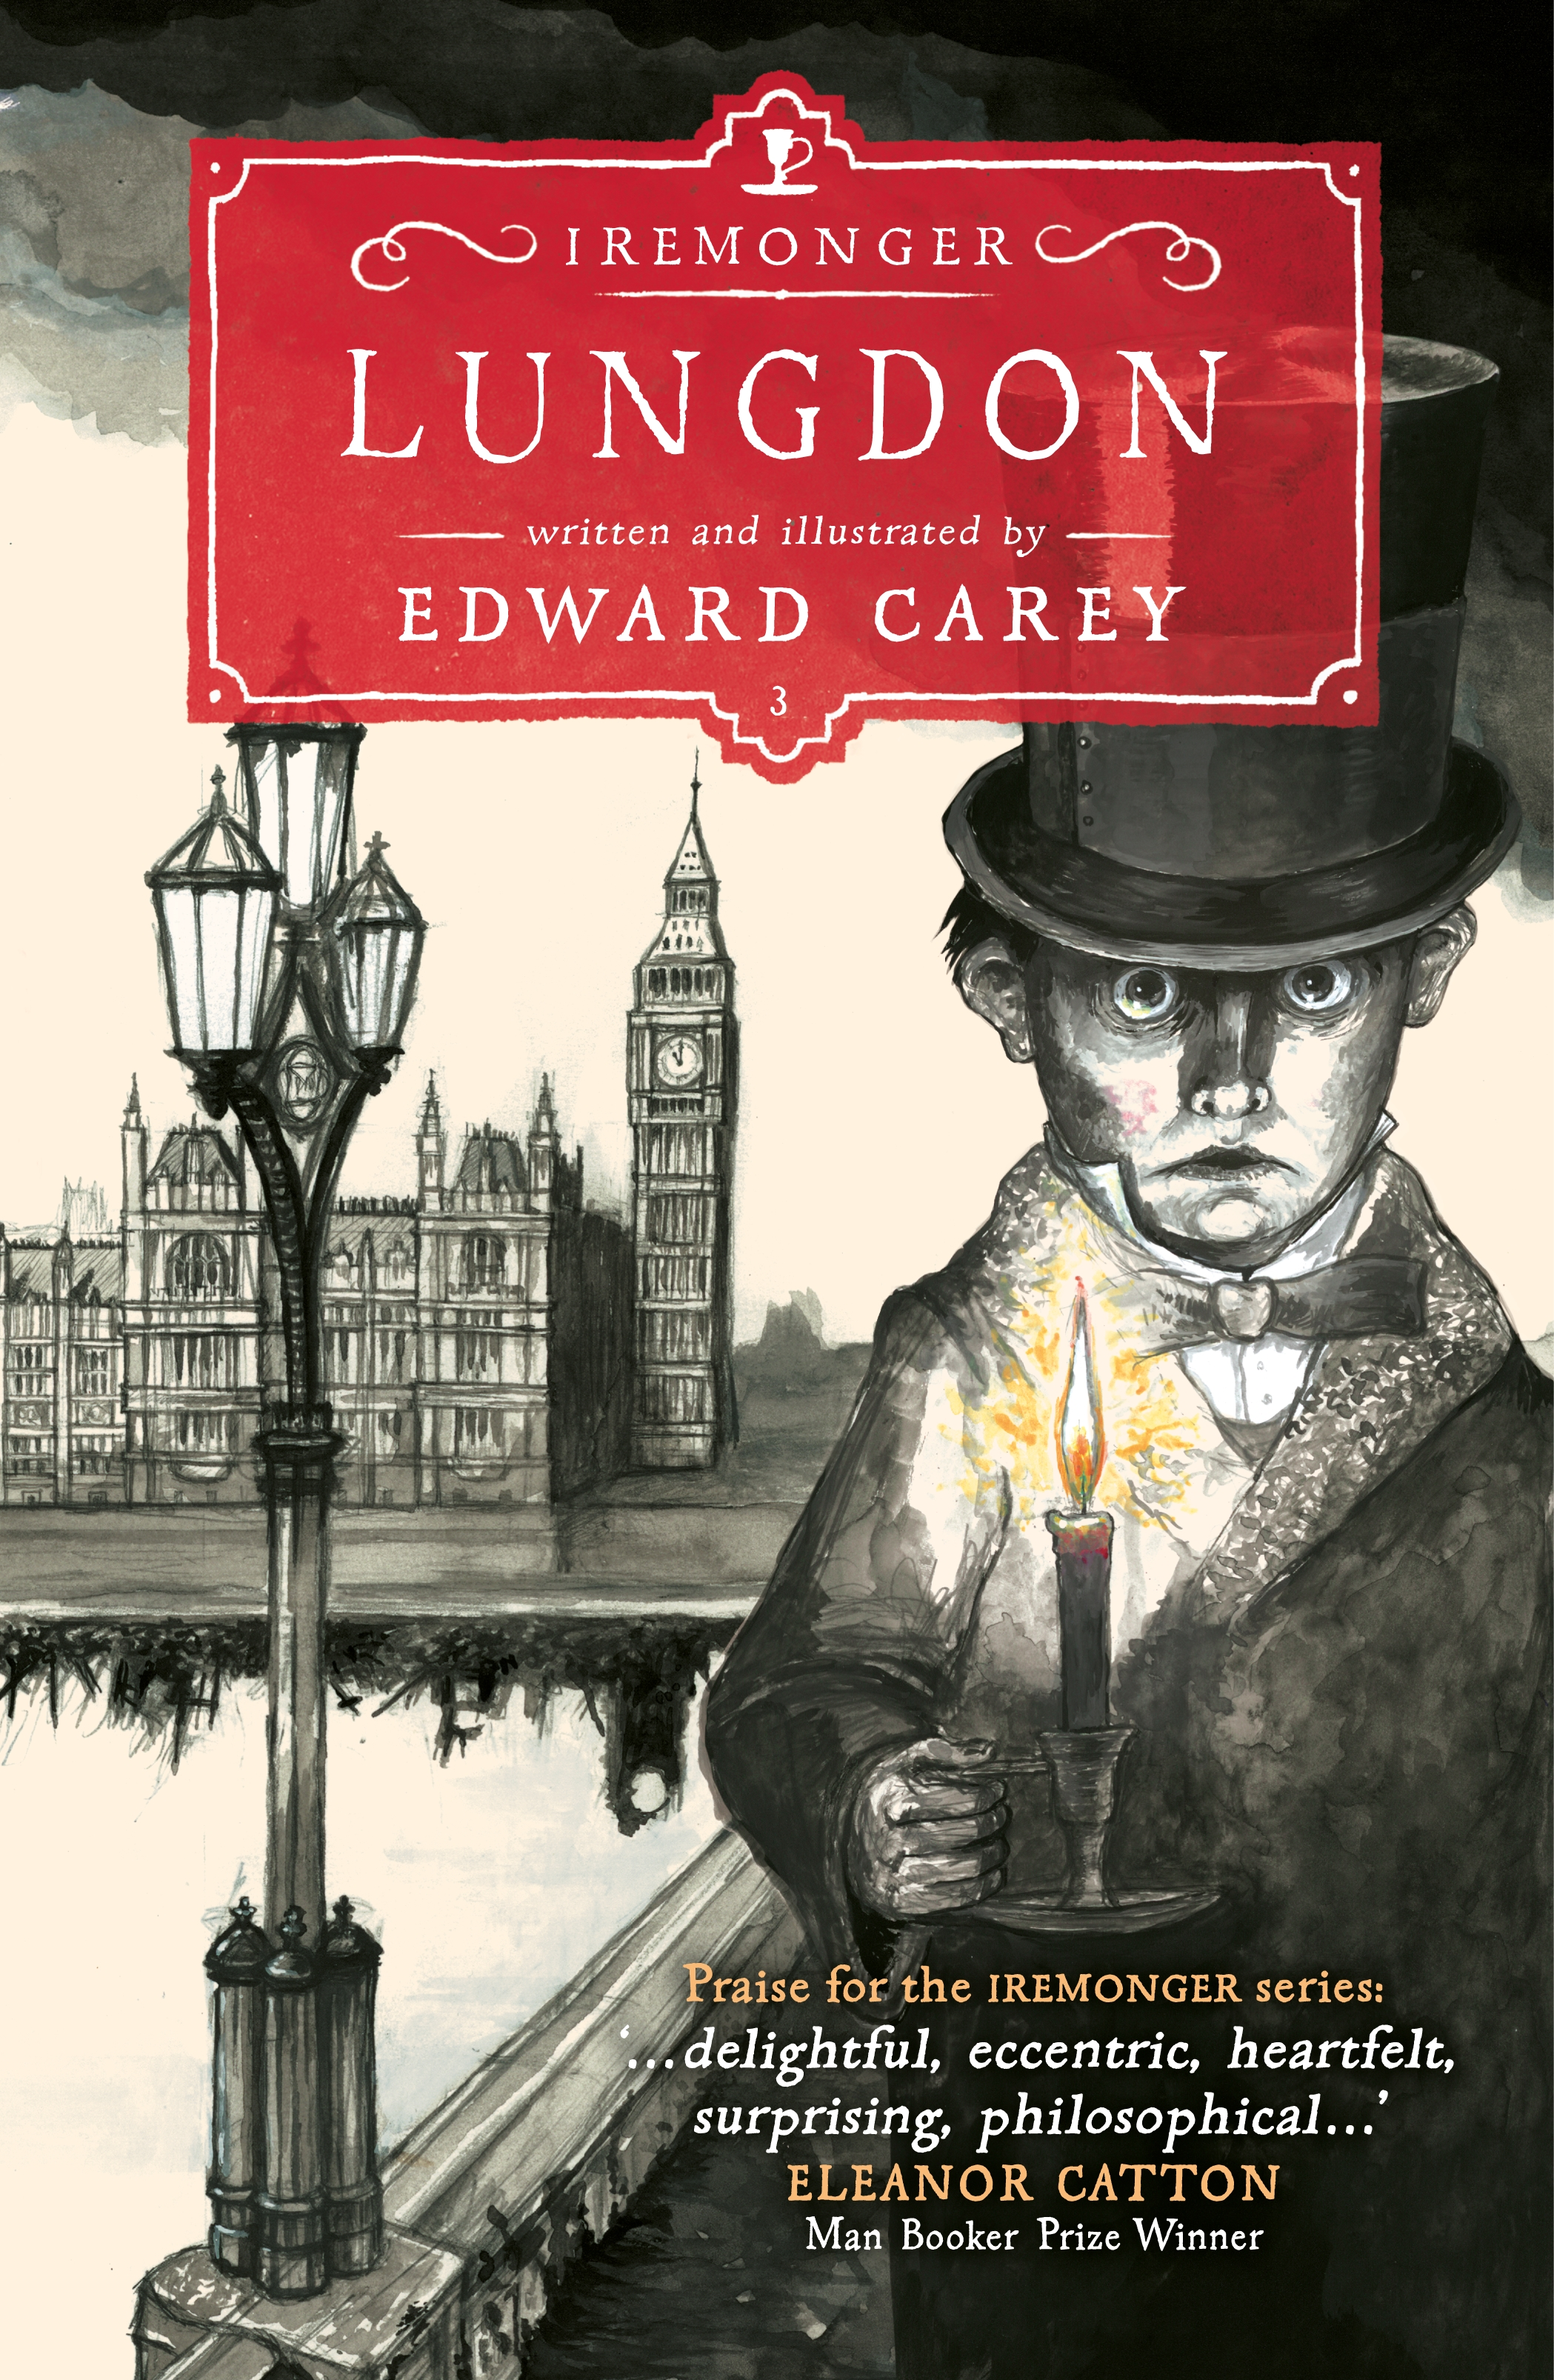 Lungdon by Edward Carey